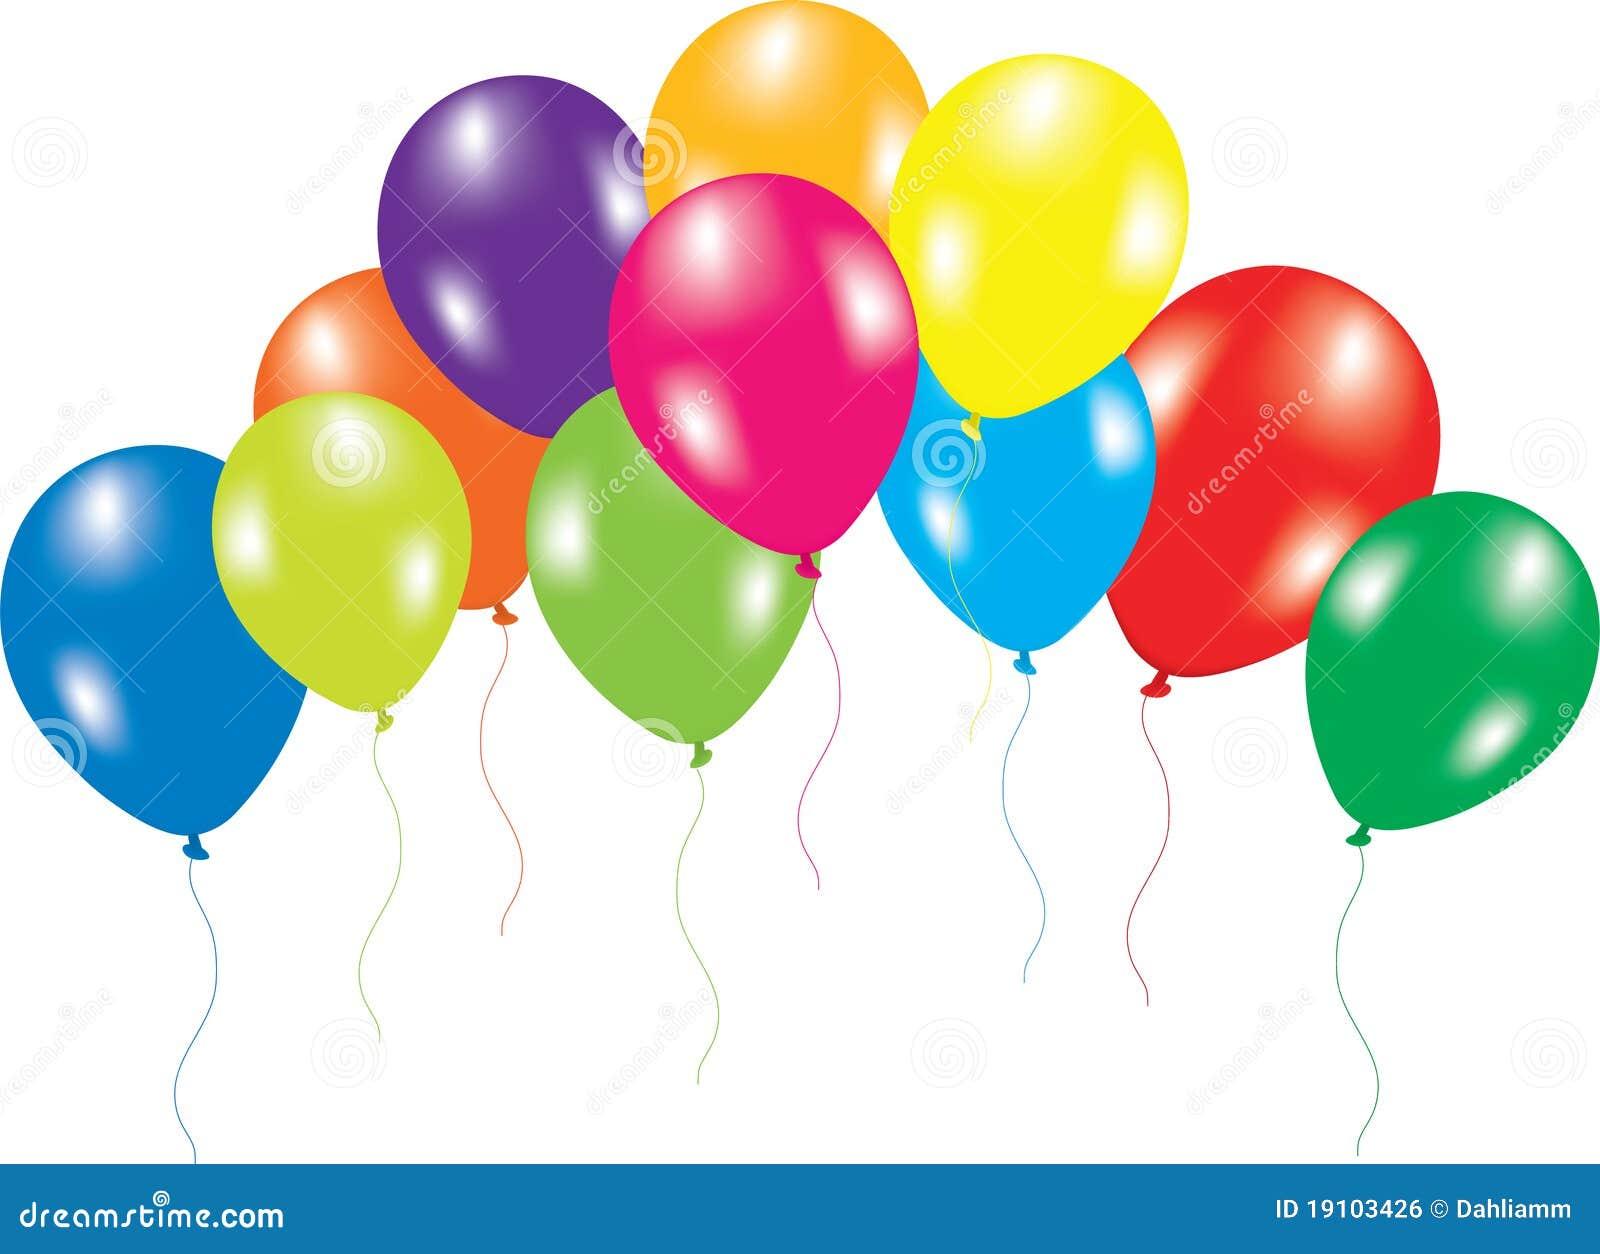 balloons white background - photo #7